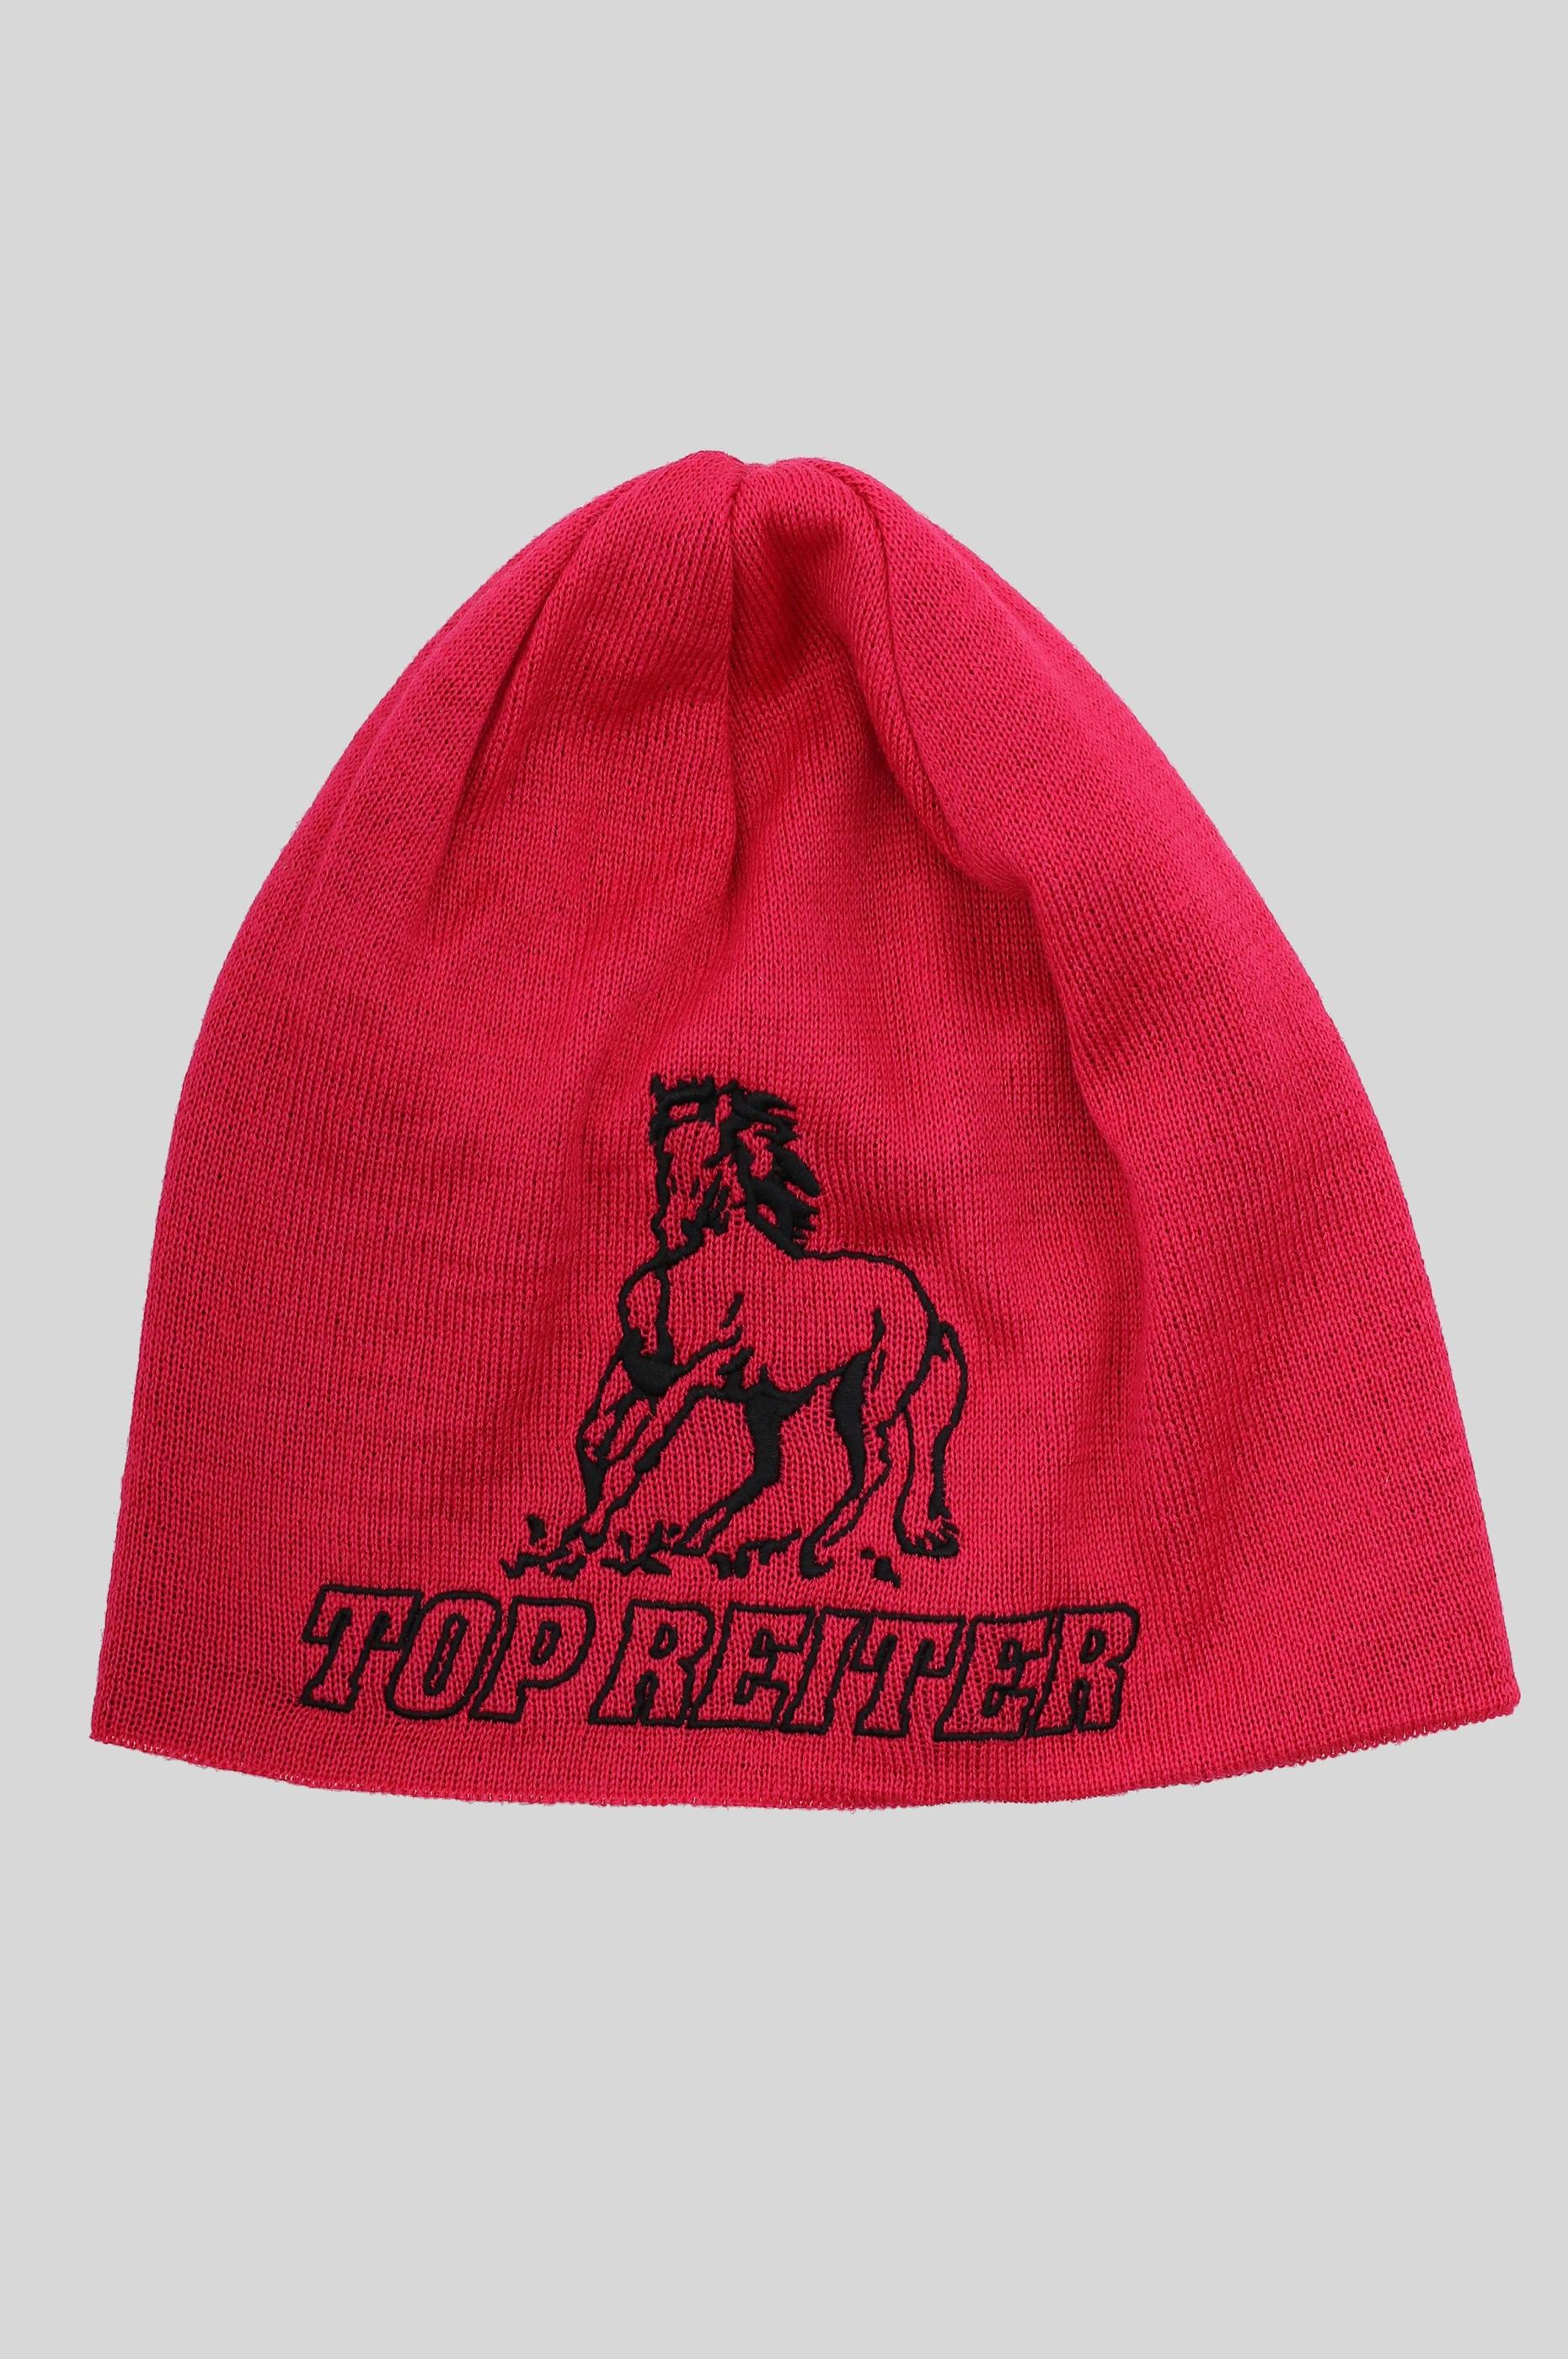 TOP REITER Beanie-GEYSIR-4251260222657-4